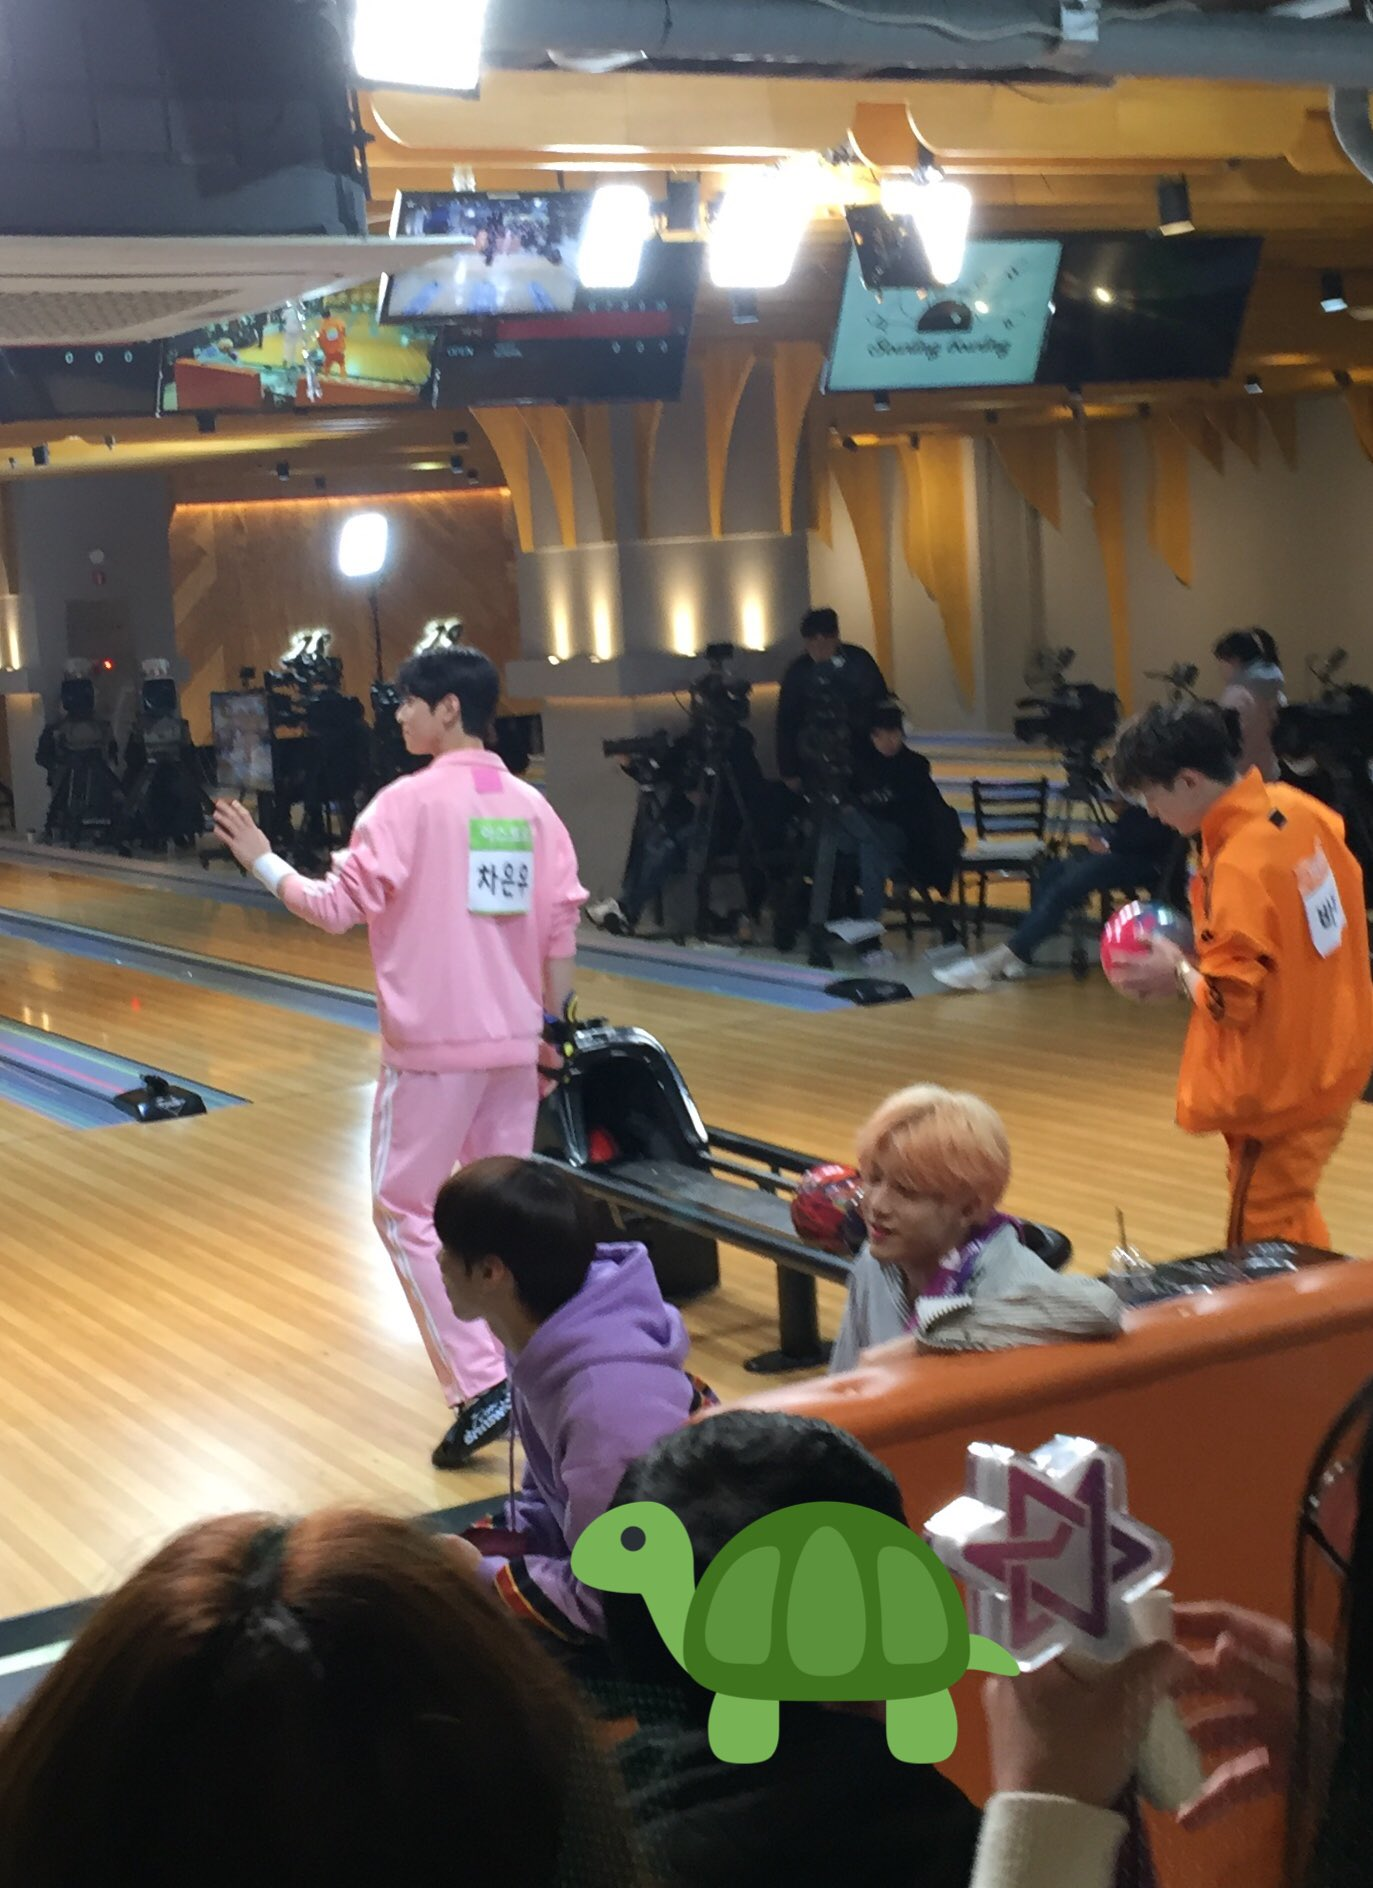 isac 2019 seollal, bowling isac results